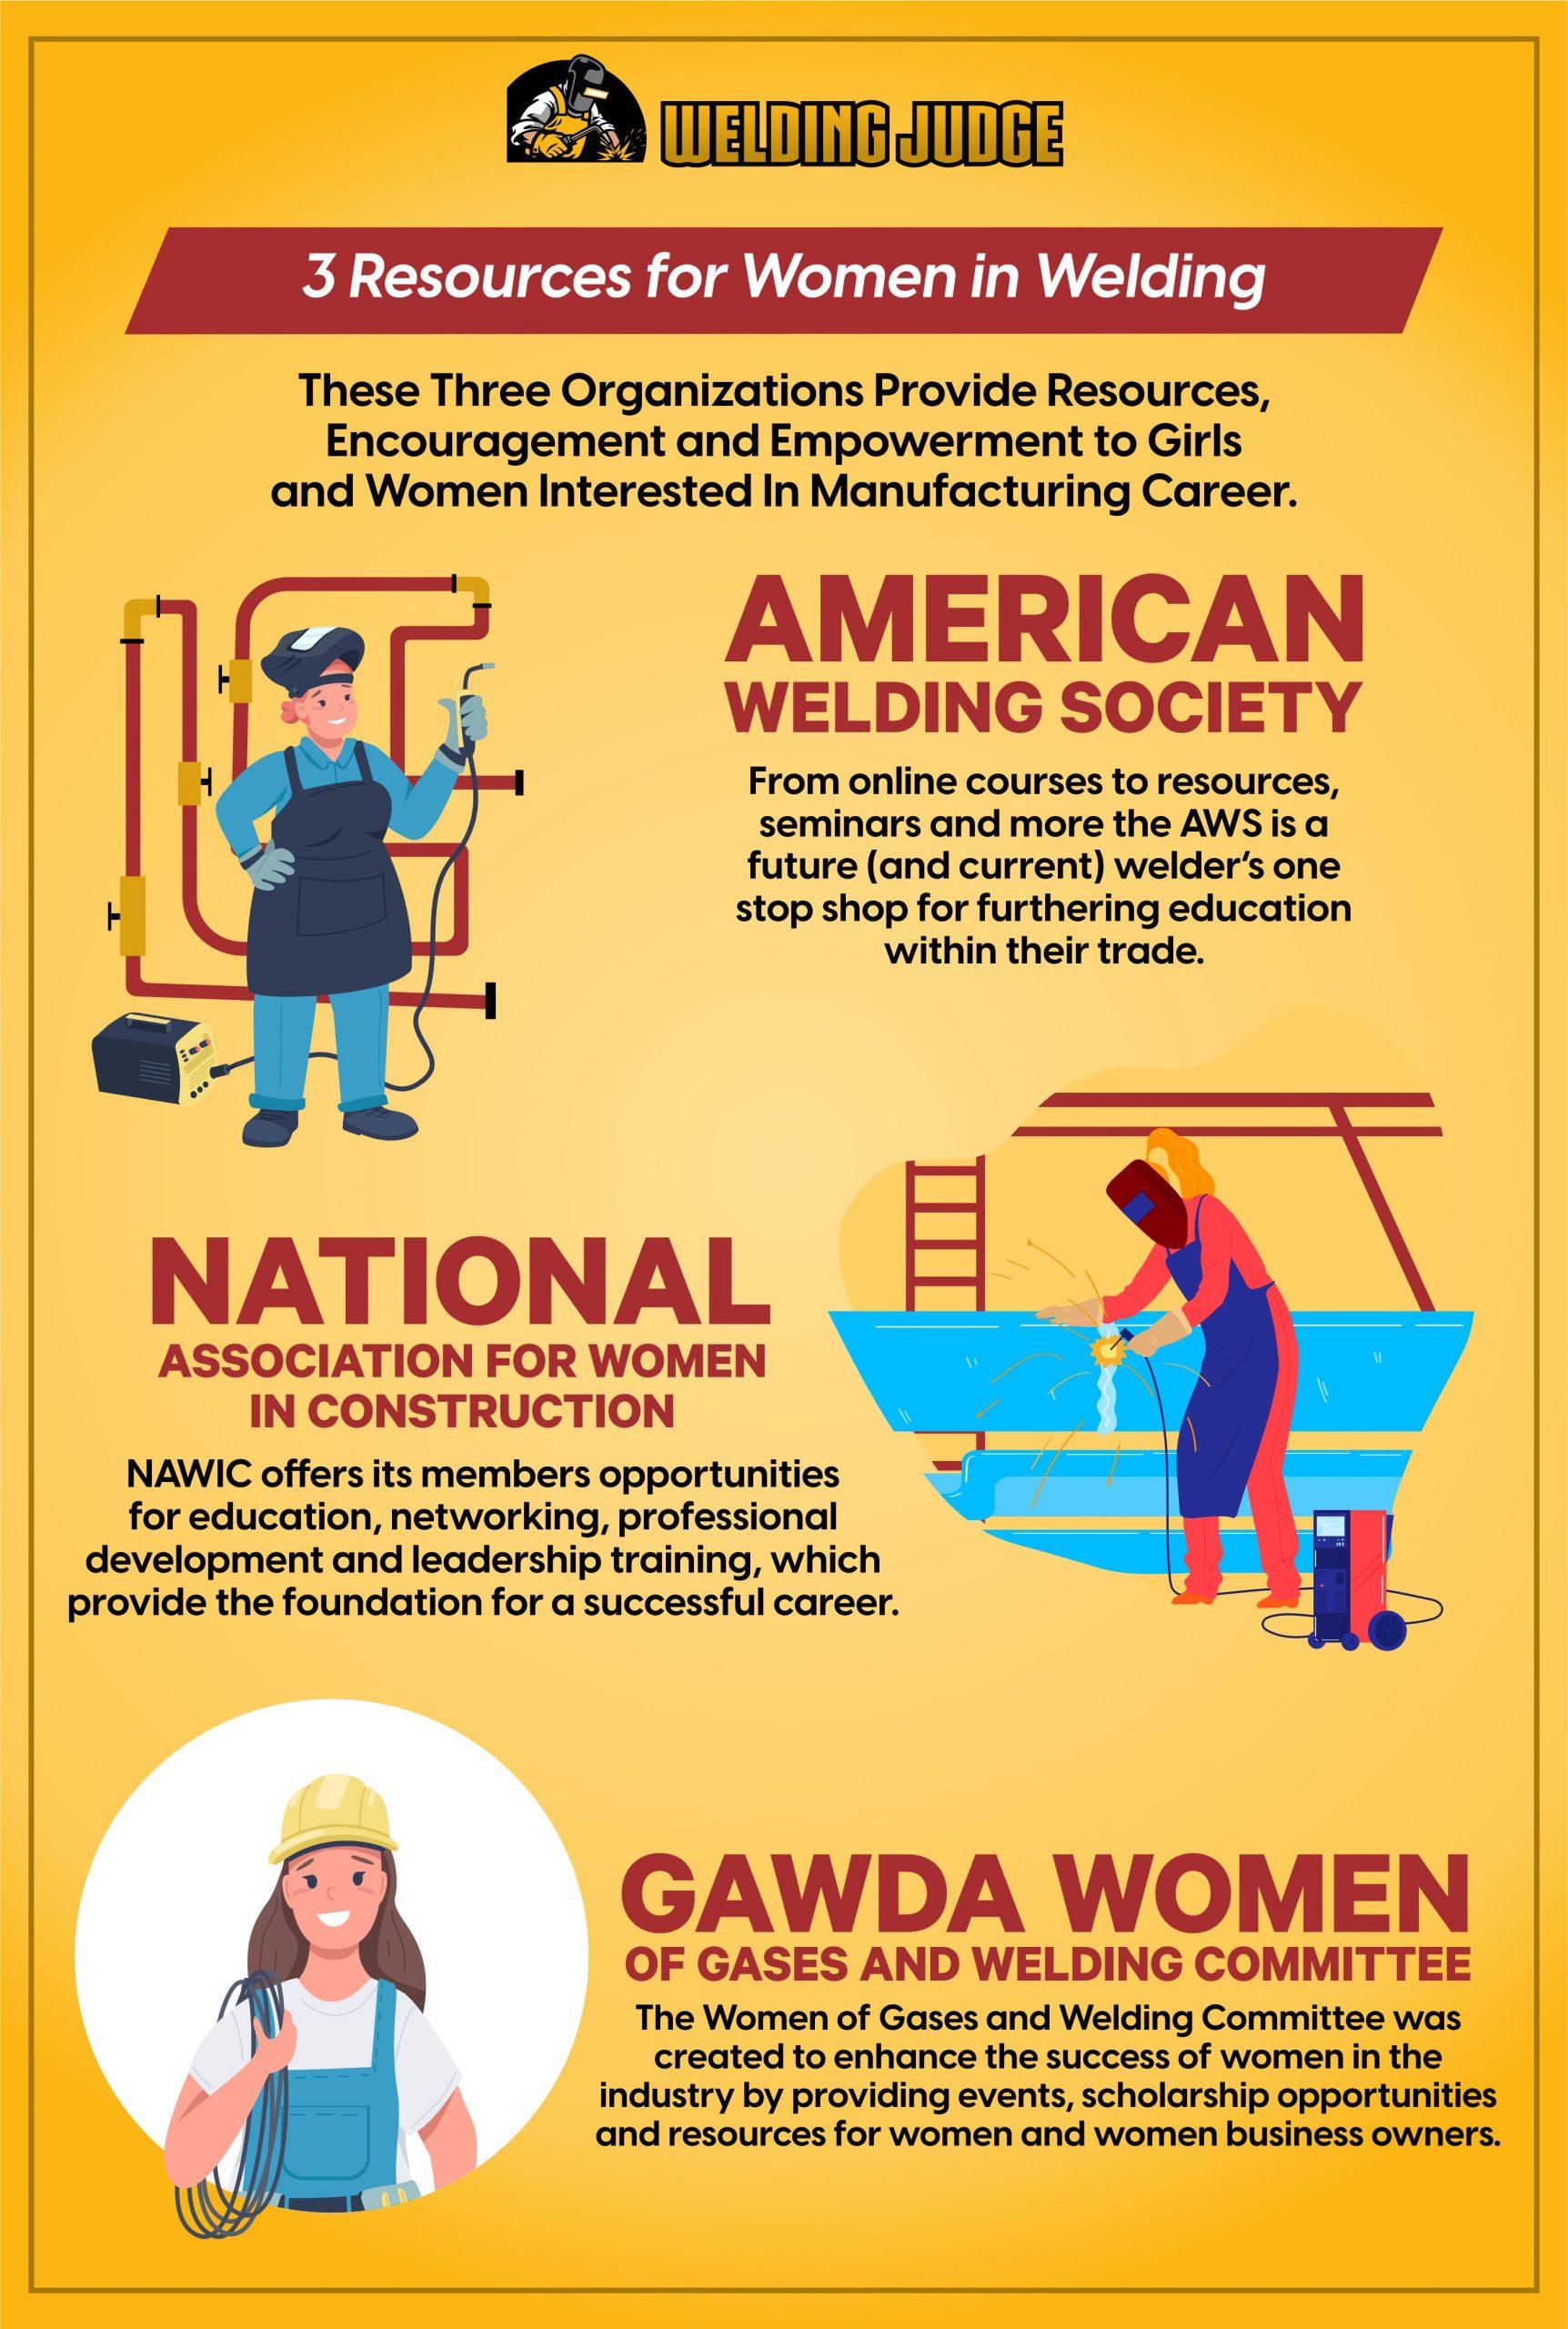 3 Resources for Women in Welding